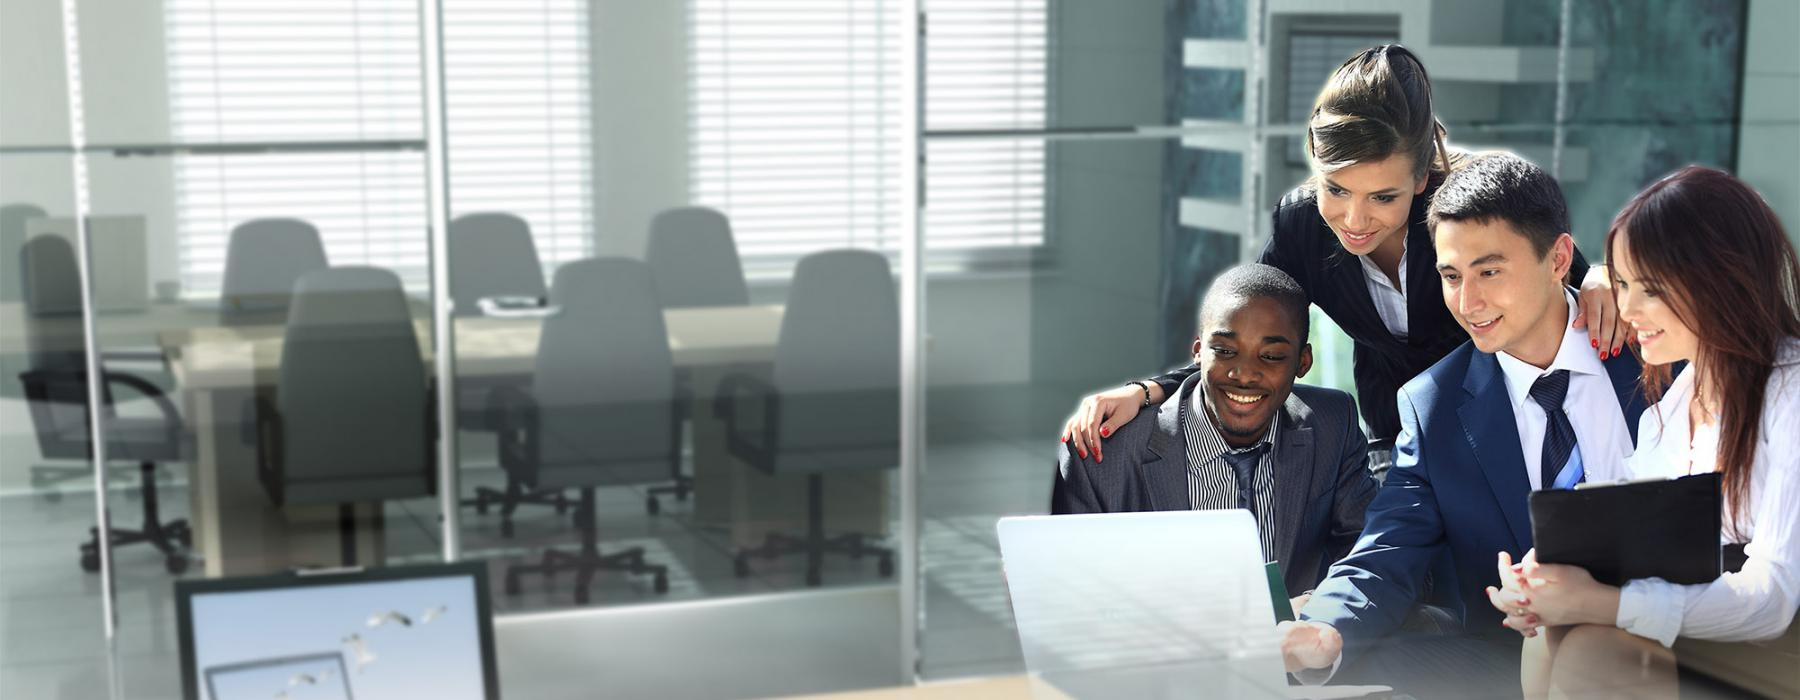 Formation hôtelière pour hôtels indépendants: Formation Yield management, Commercial, Marketing et Communication